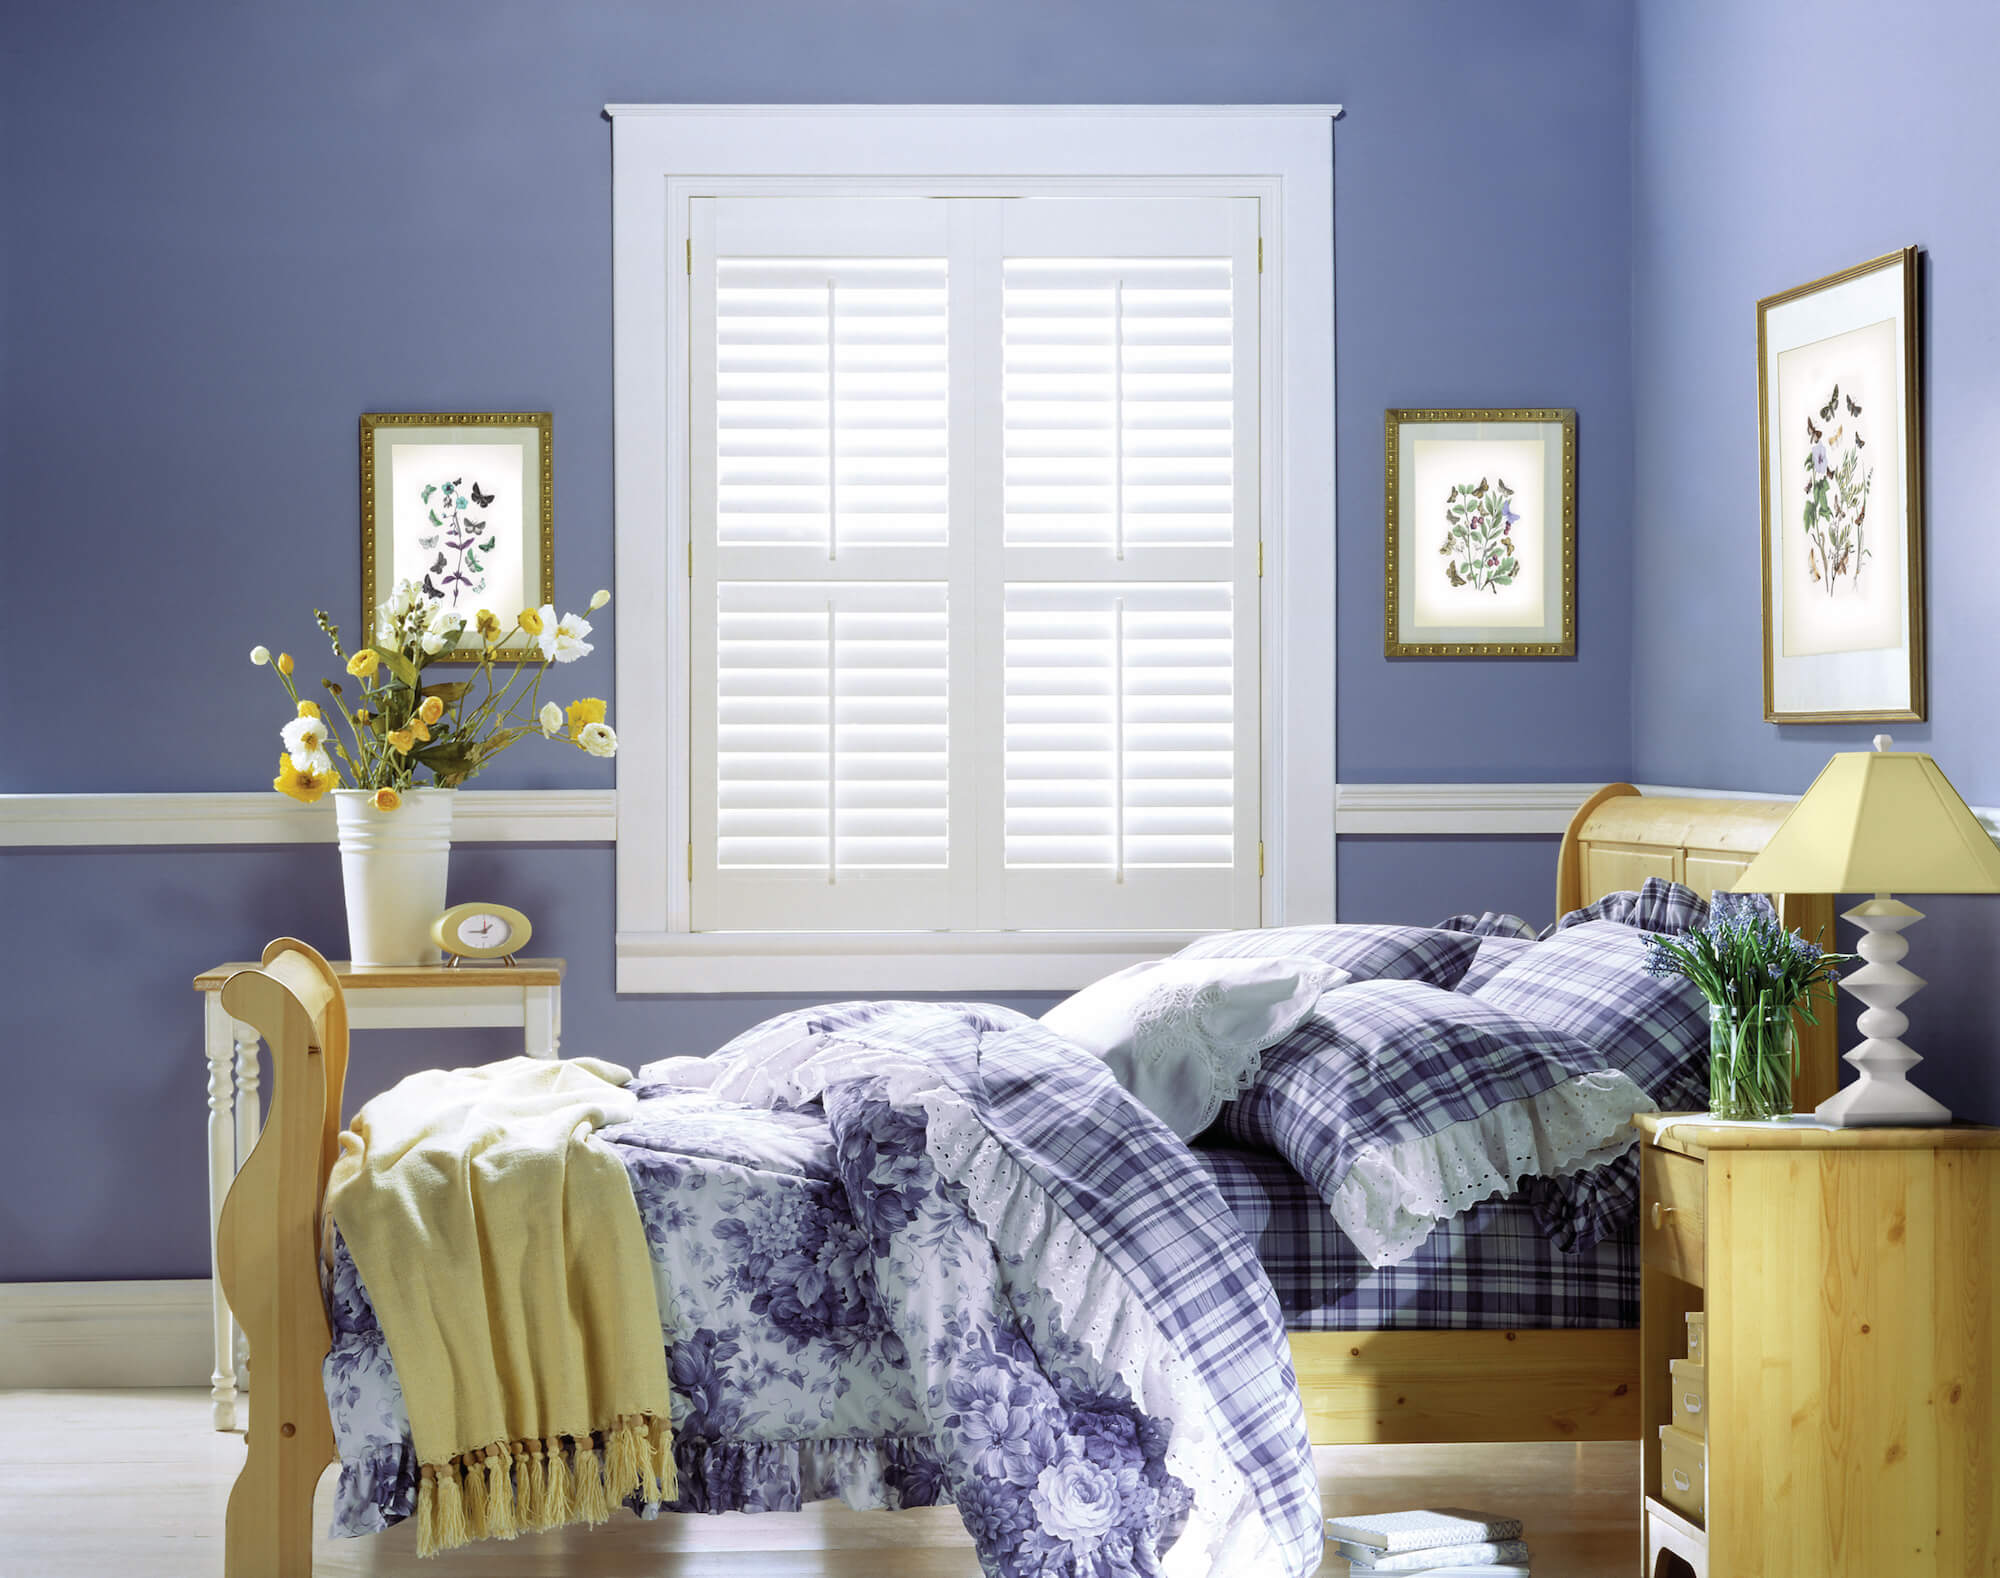 Palm Beach Shutters in bedroom window